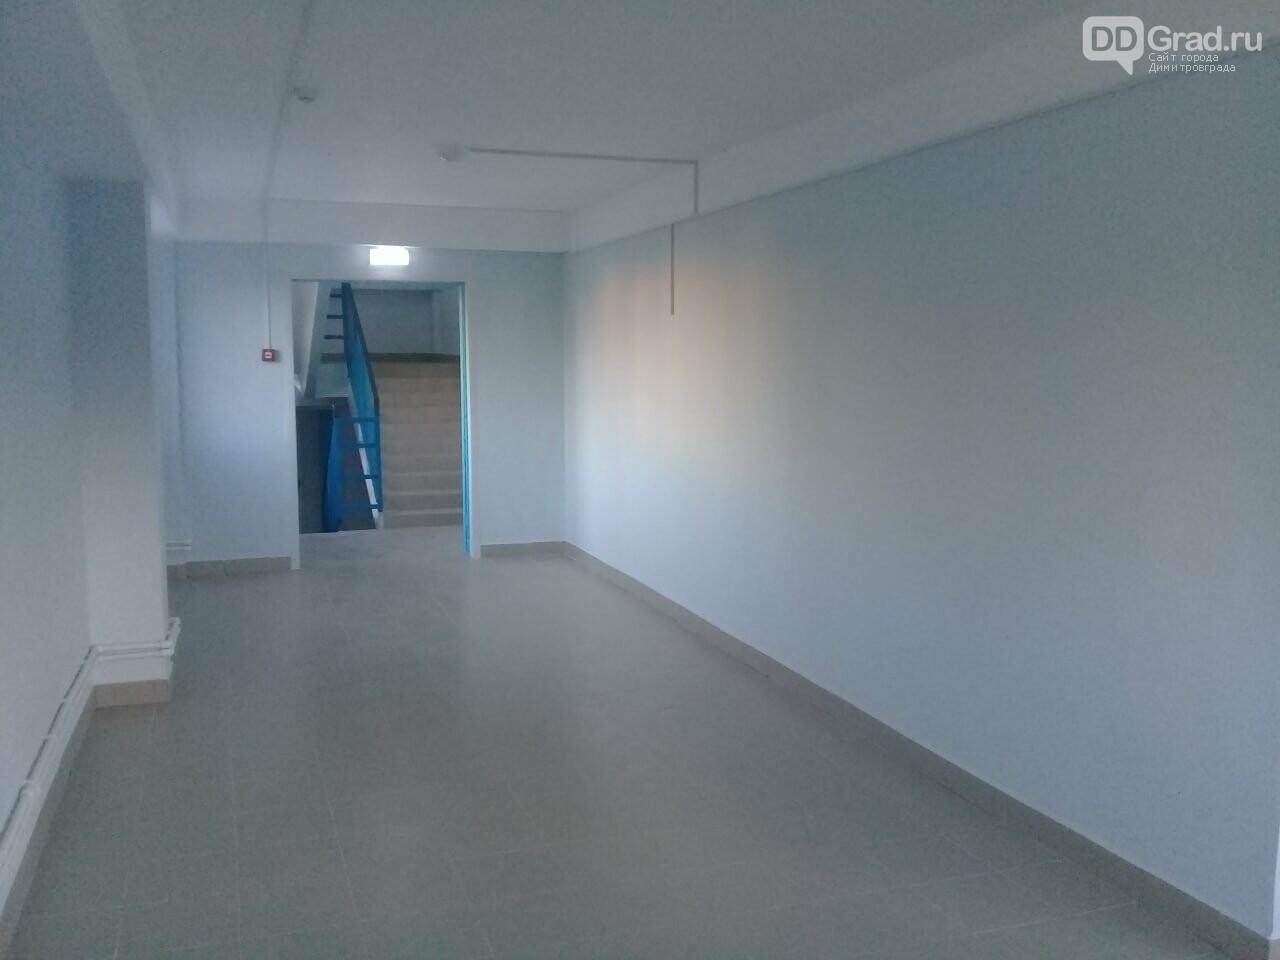 В 2020 году, в Димитровграде будет сдан дом для сирот, фото-3